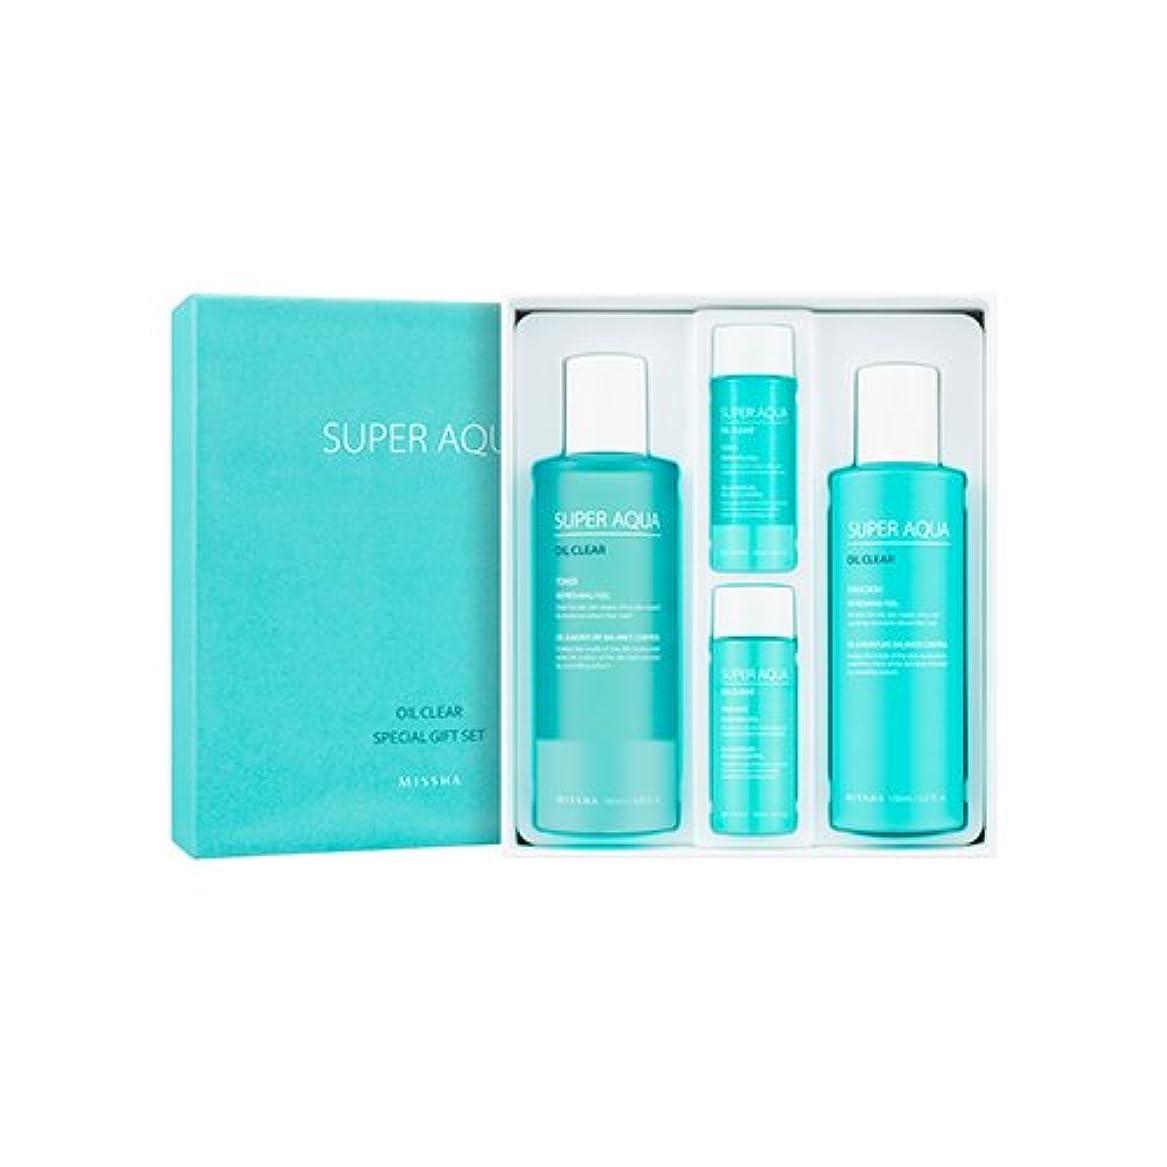 ハイキングに行く専門用語委員会MISSHA Super Aqua Oil Clear Special Gift Set/ミシャ スーパーアクアオイルクリアスペシャルギフトセット [並行輸入品]